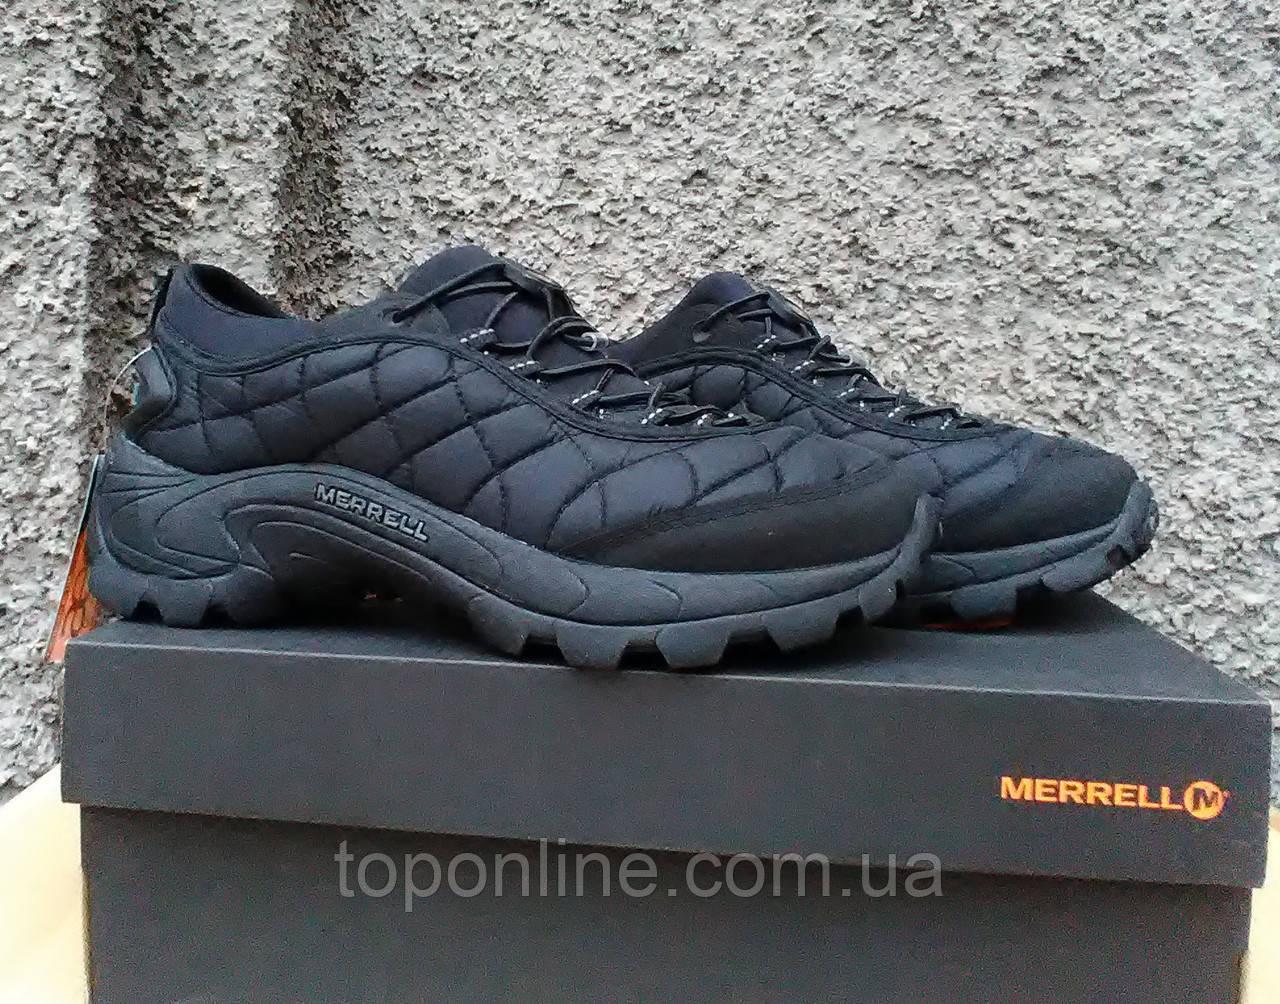 Мужские полуботинки Merrell Ice Cap Moc II Stretch черные - TopOnLine –  обувной интернет-магазин 932ee6a4233e2